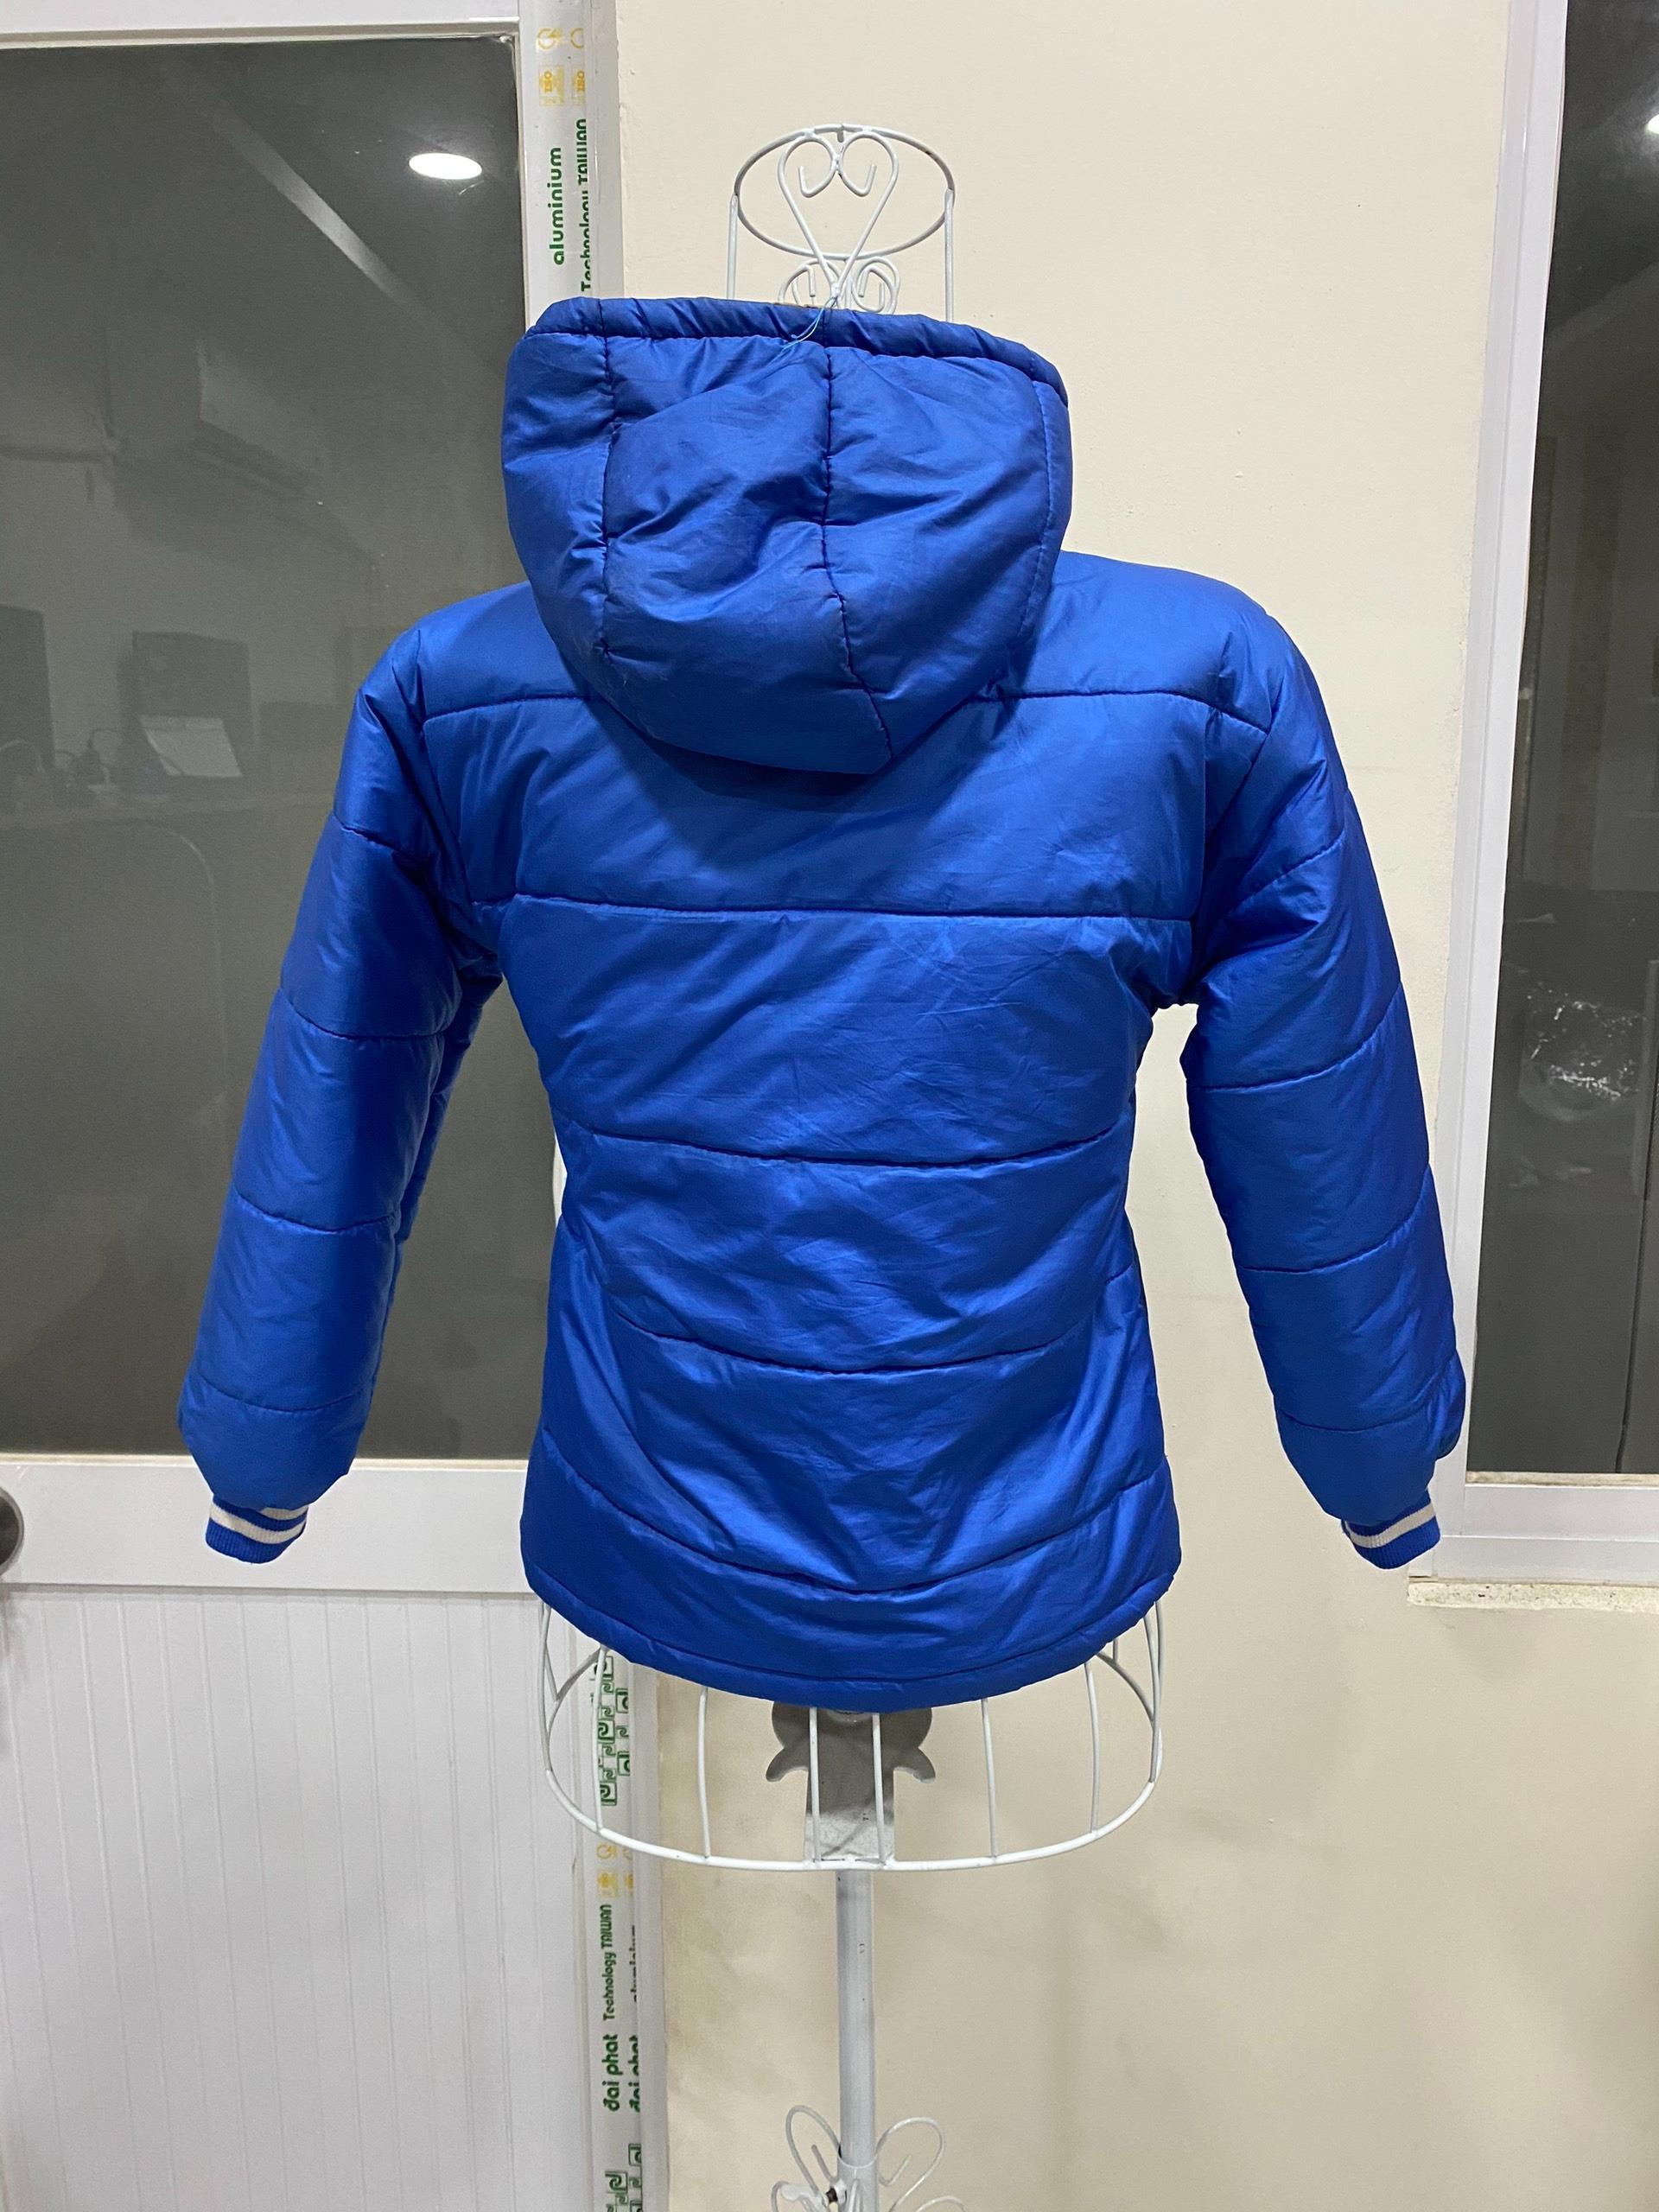 Xưởng may áo khoác trẻ em - Chuyên sản xuất áo gió, áo phao, áo ấm